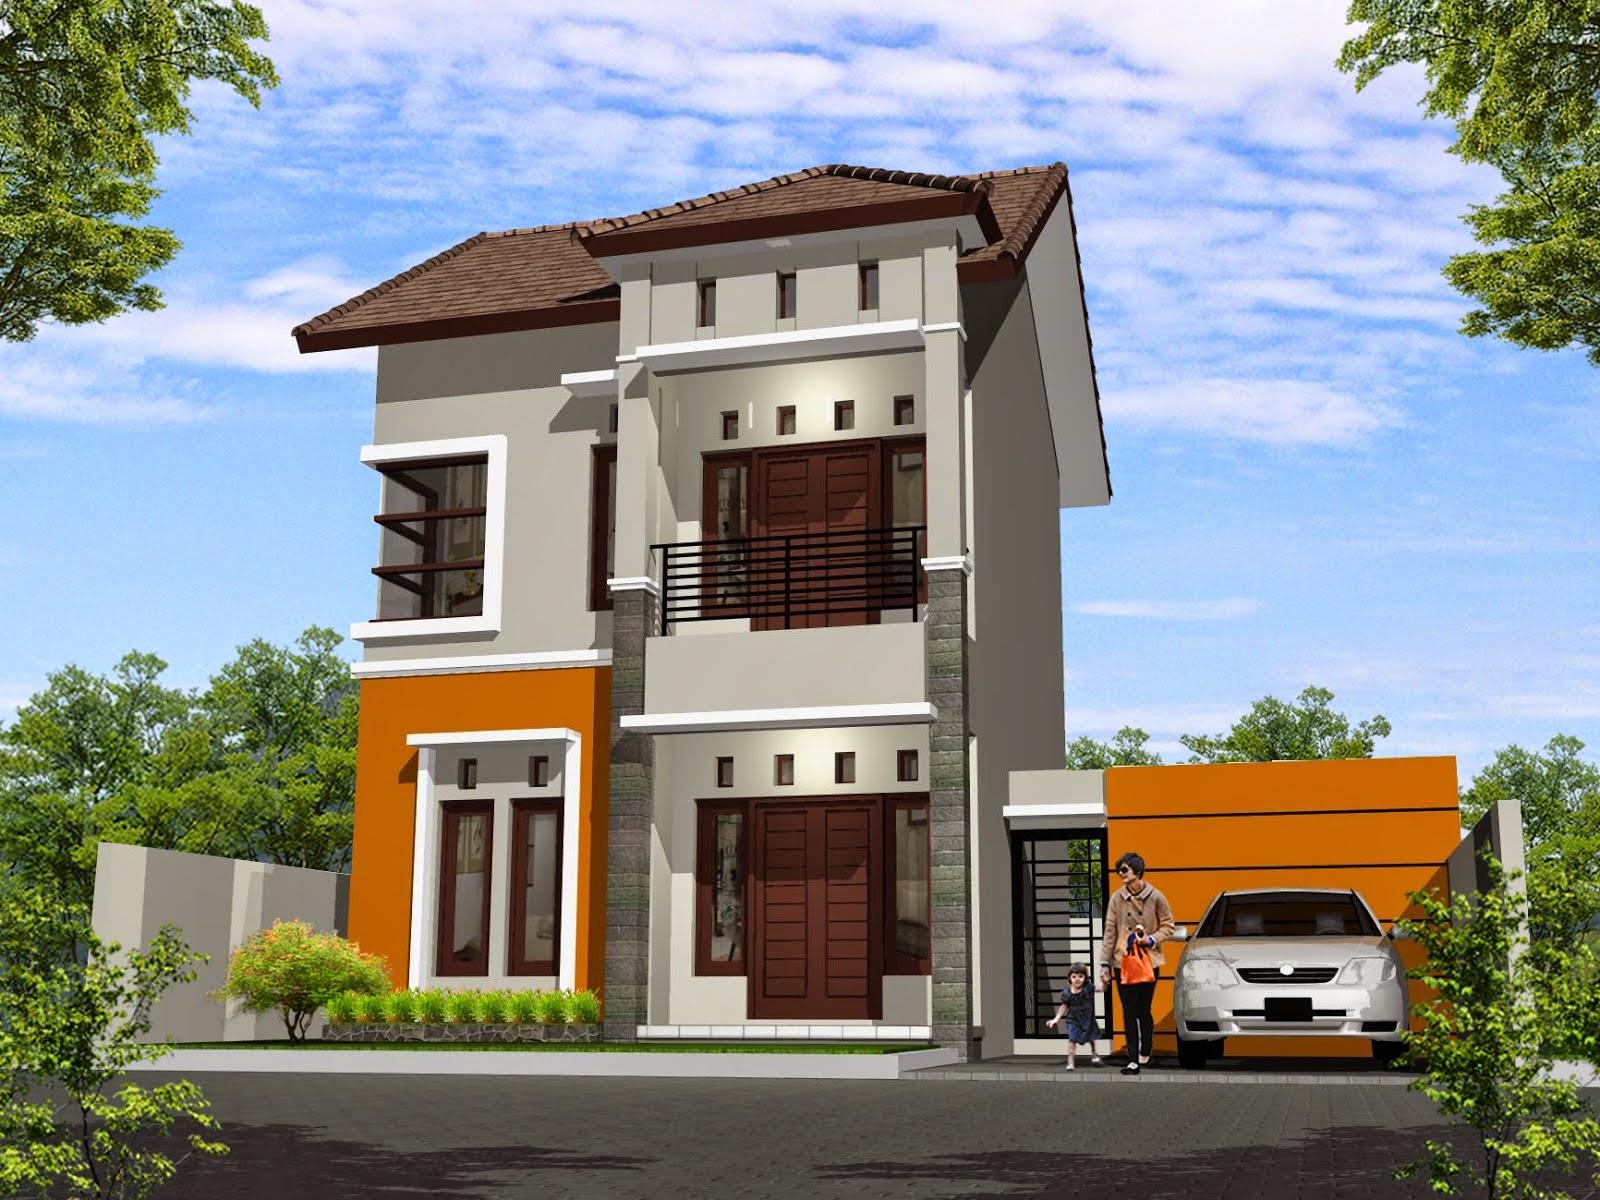 62 Desain Rumah Minimalis Type 60 2 Lantai Desain Rumah